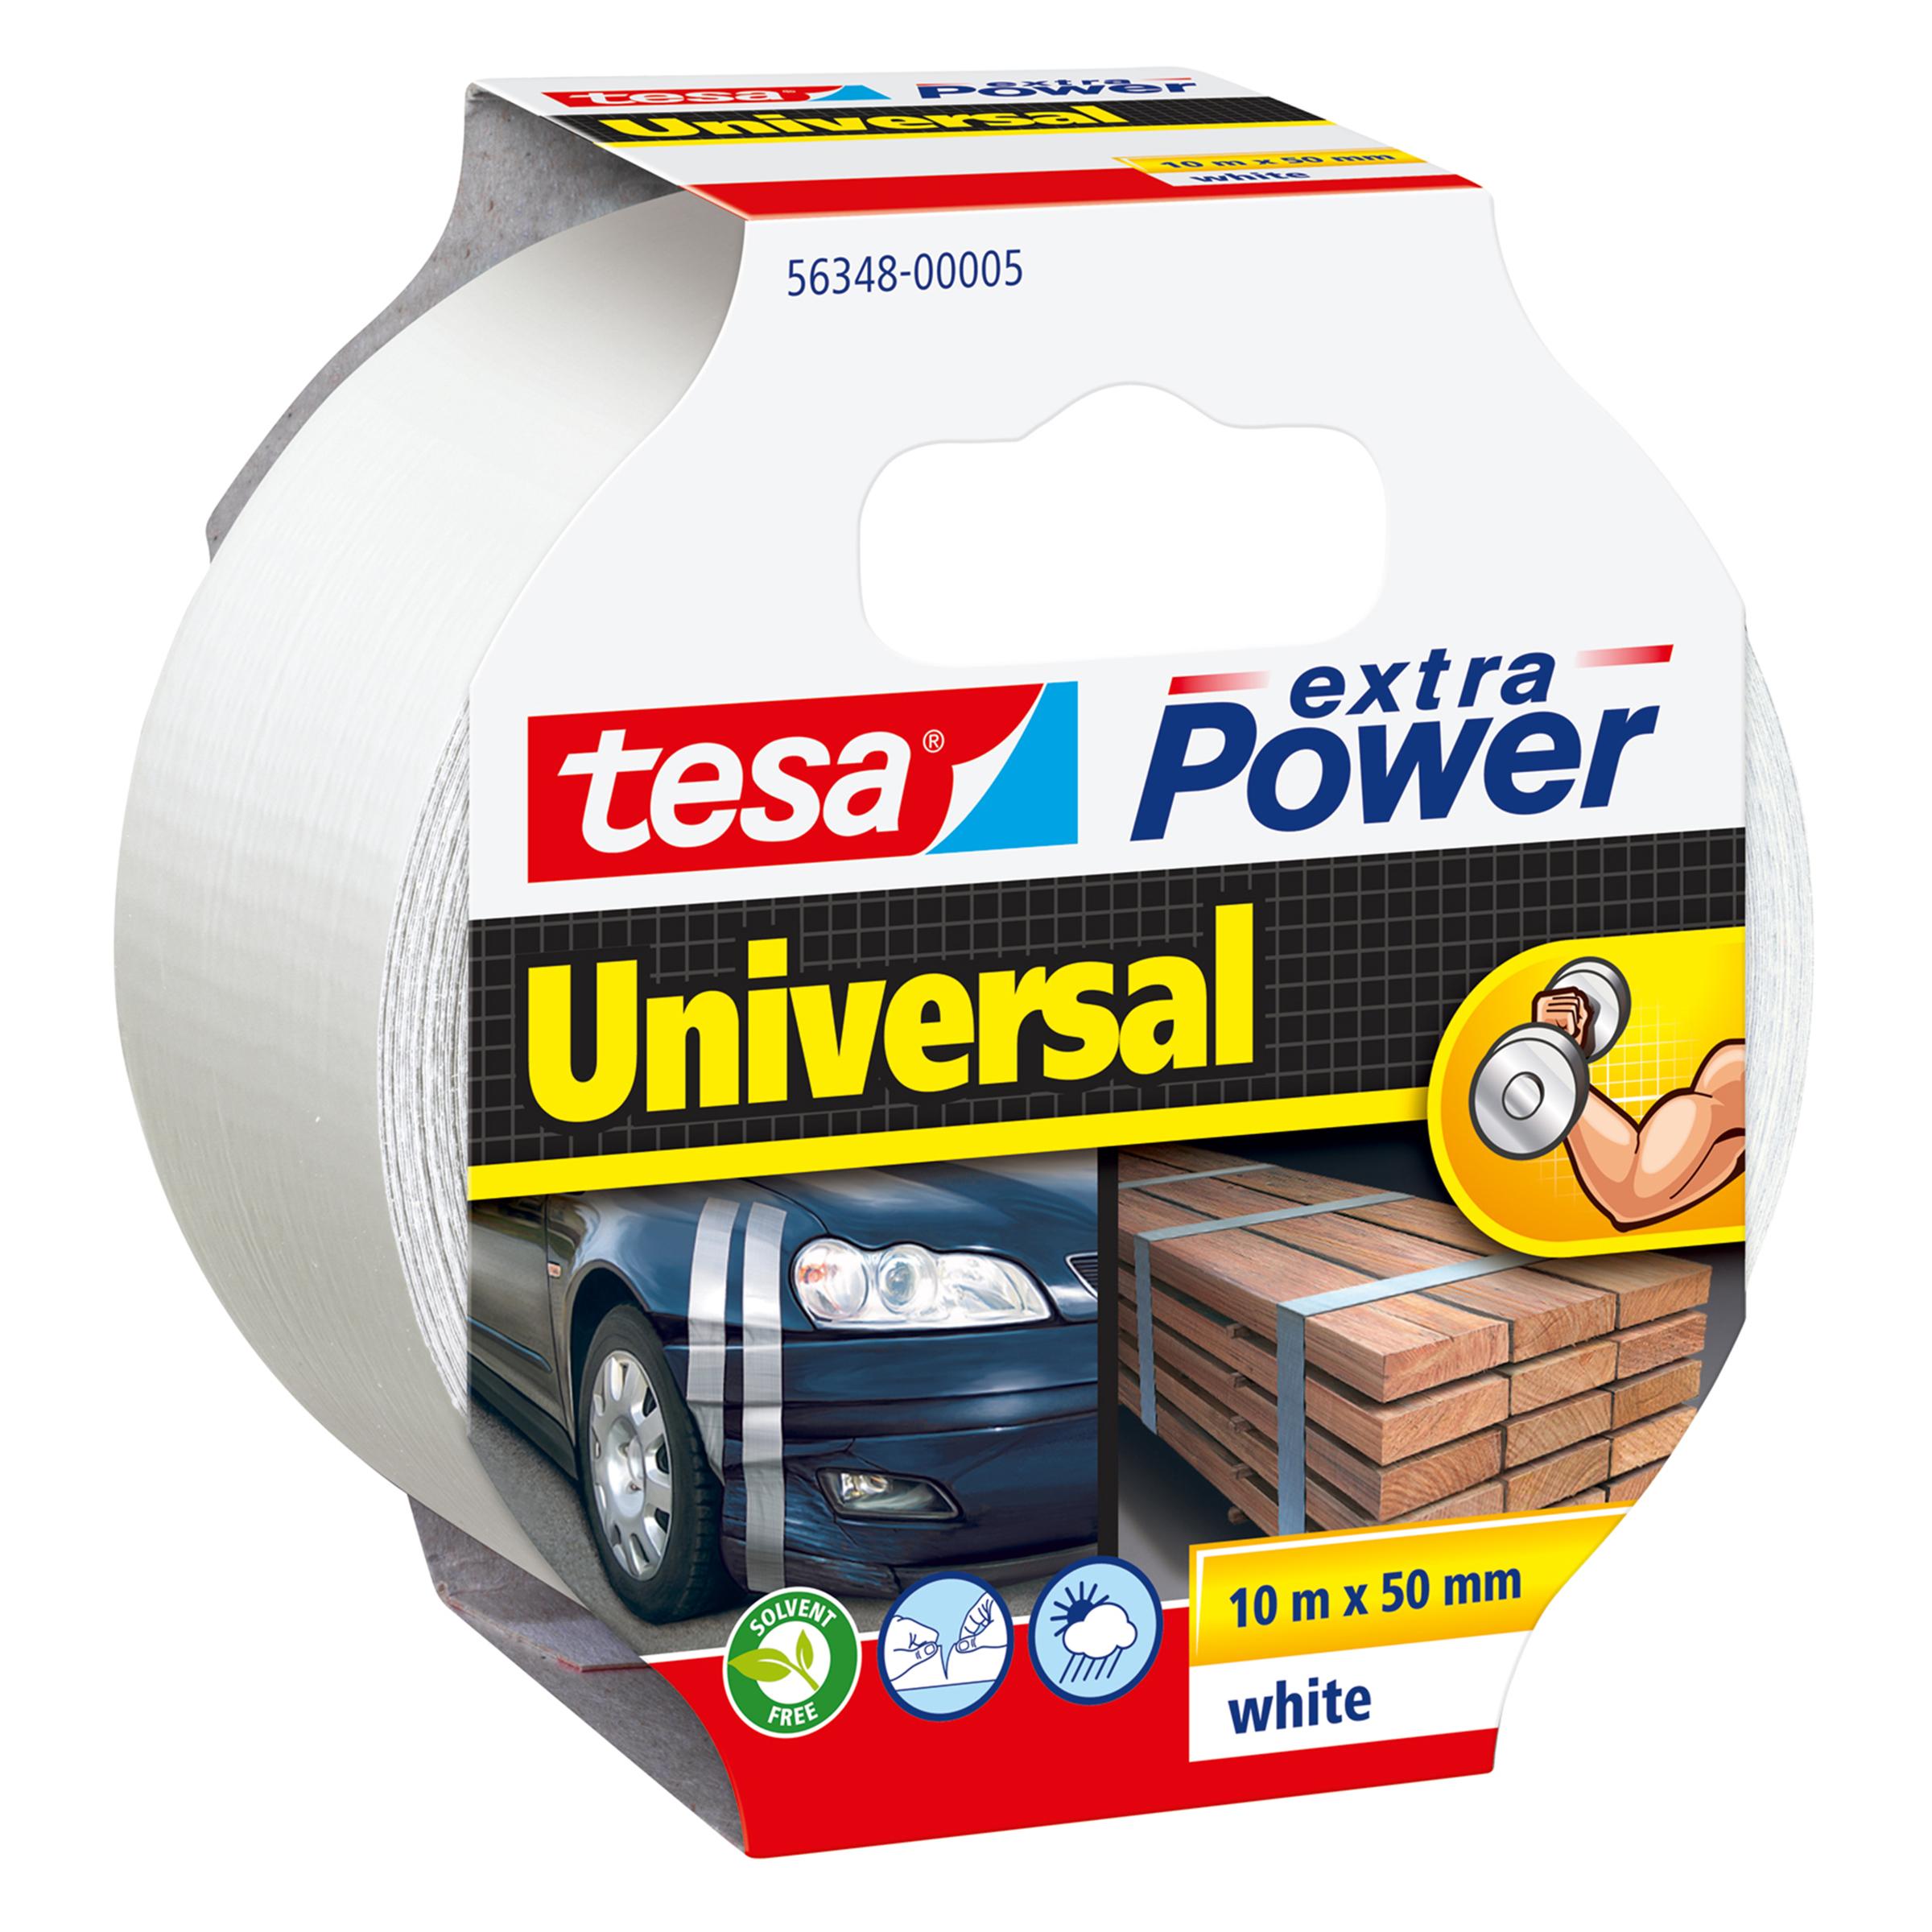 Tesa extra Power Universal - Weiß - Befestigung - Handwerk - Kennzeichnung - Reparatur - 10 m - 50 mm